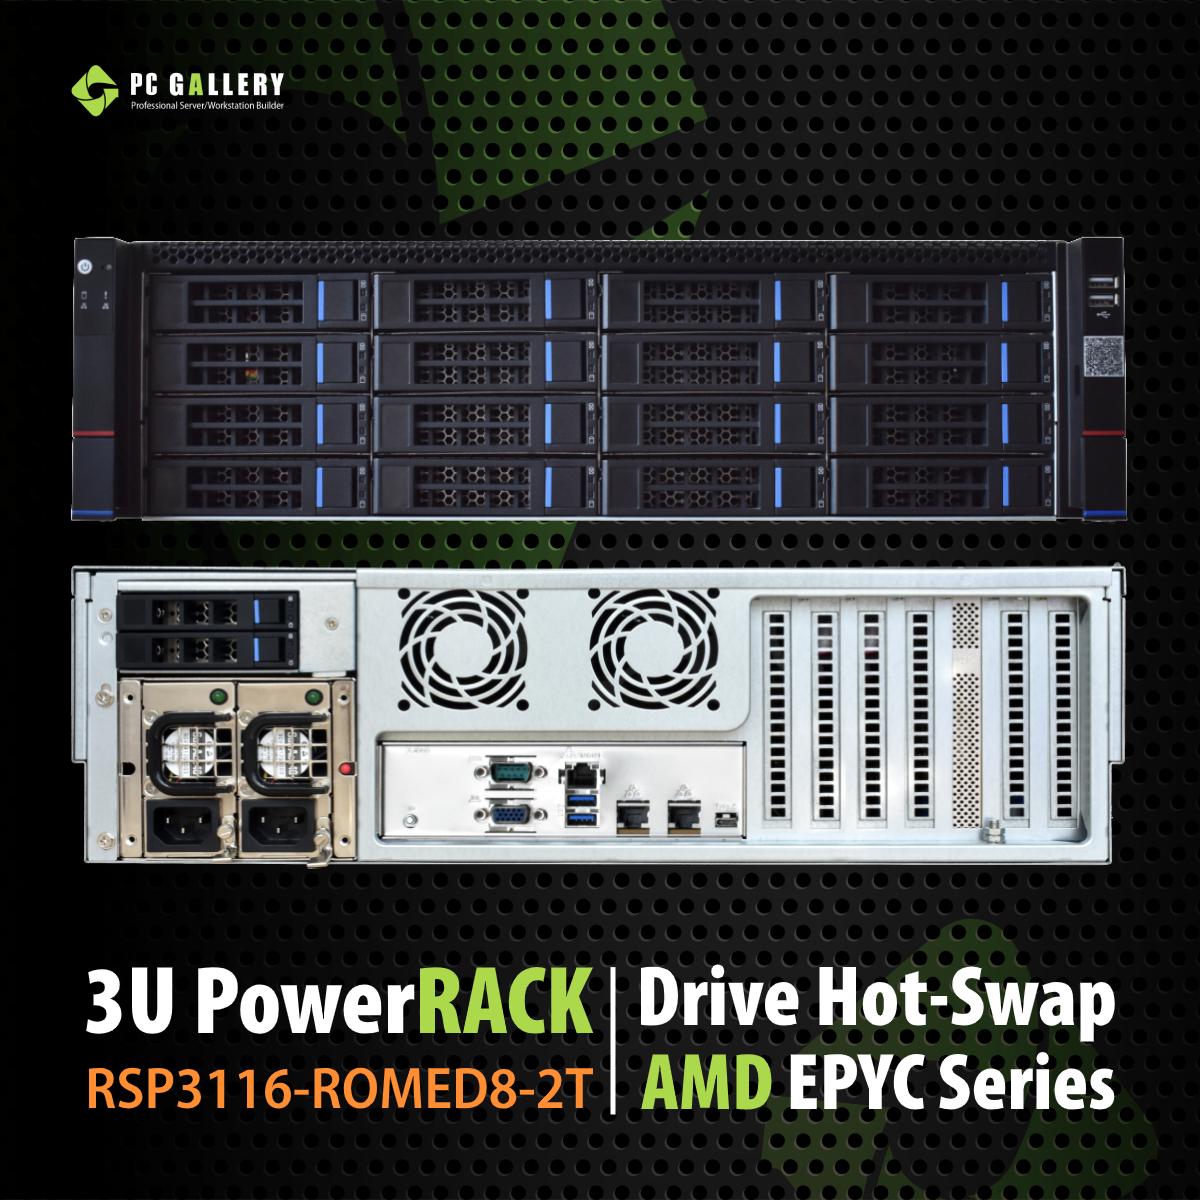 RSP3116-ROMED8-2T